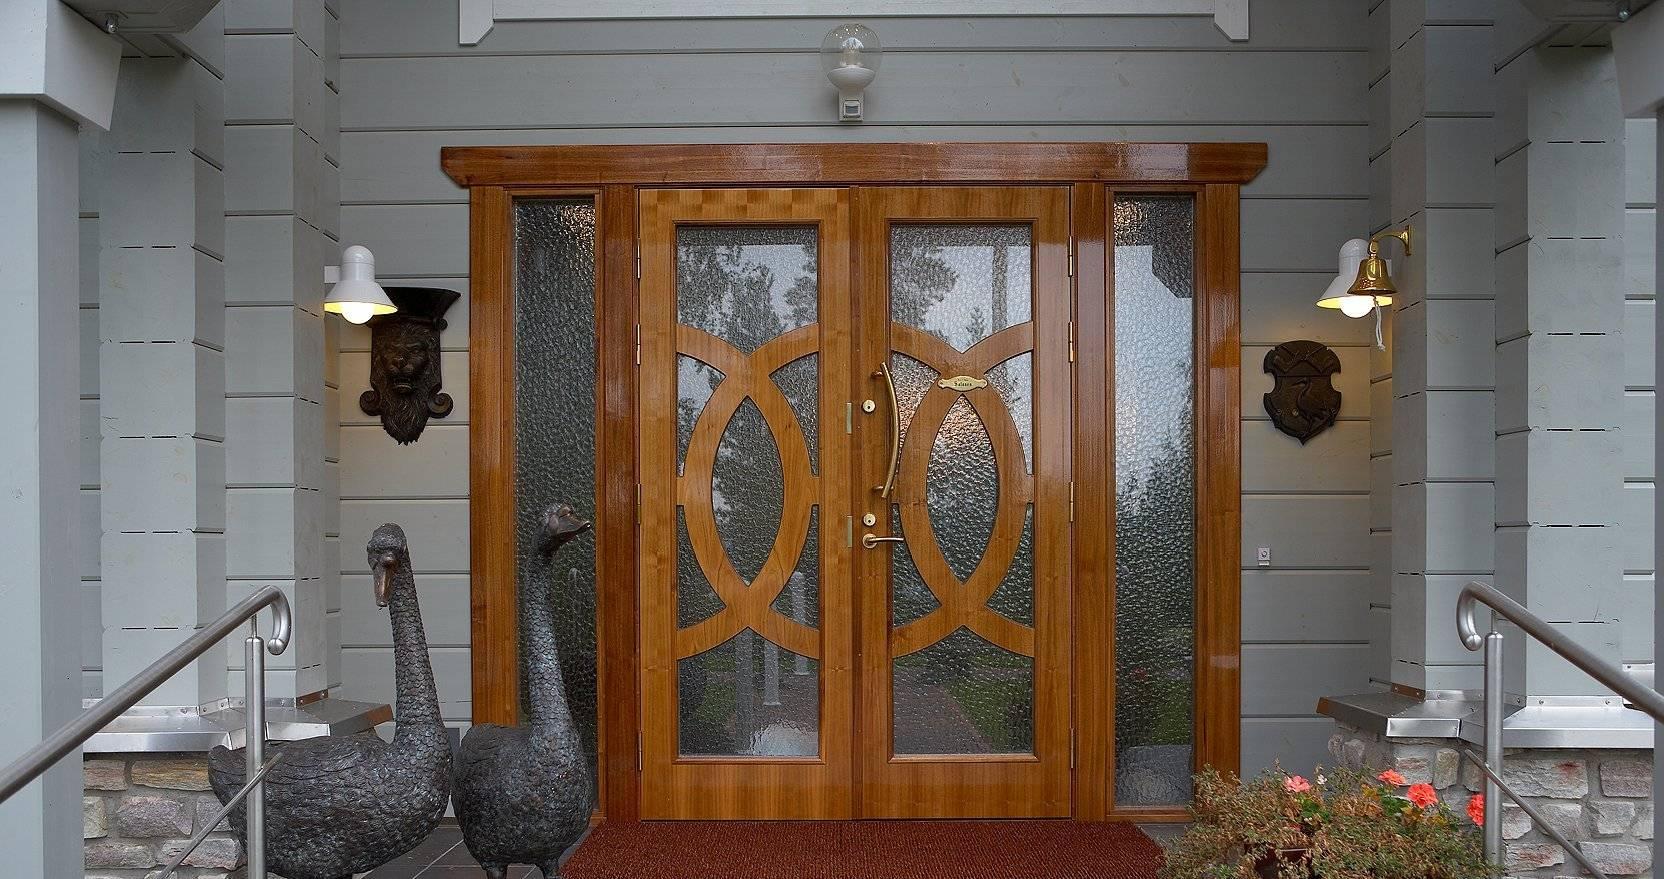 Входные двери для загородного дома - купить в москве по ценам производителя. продажа металлических дверей в загородный дом